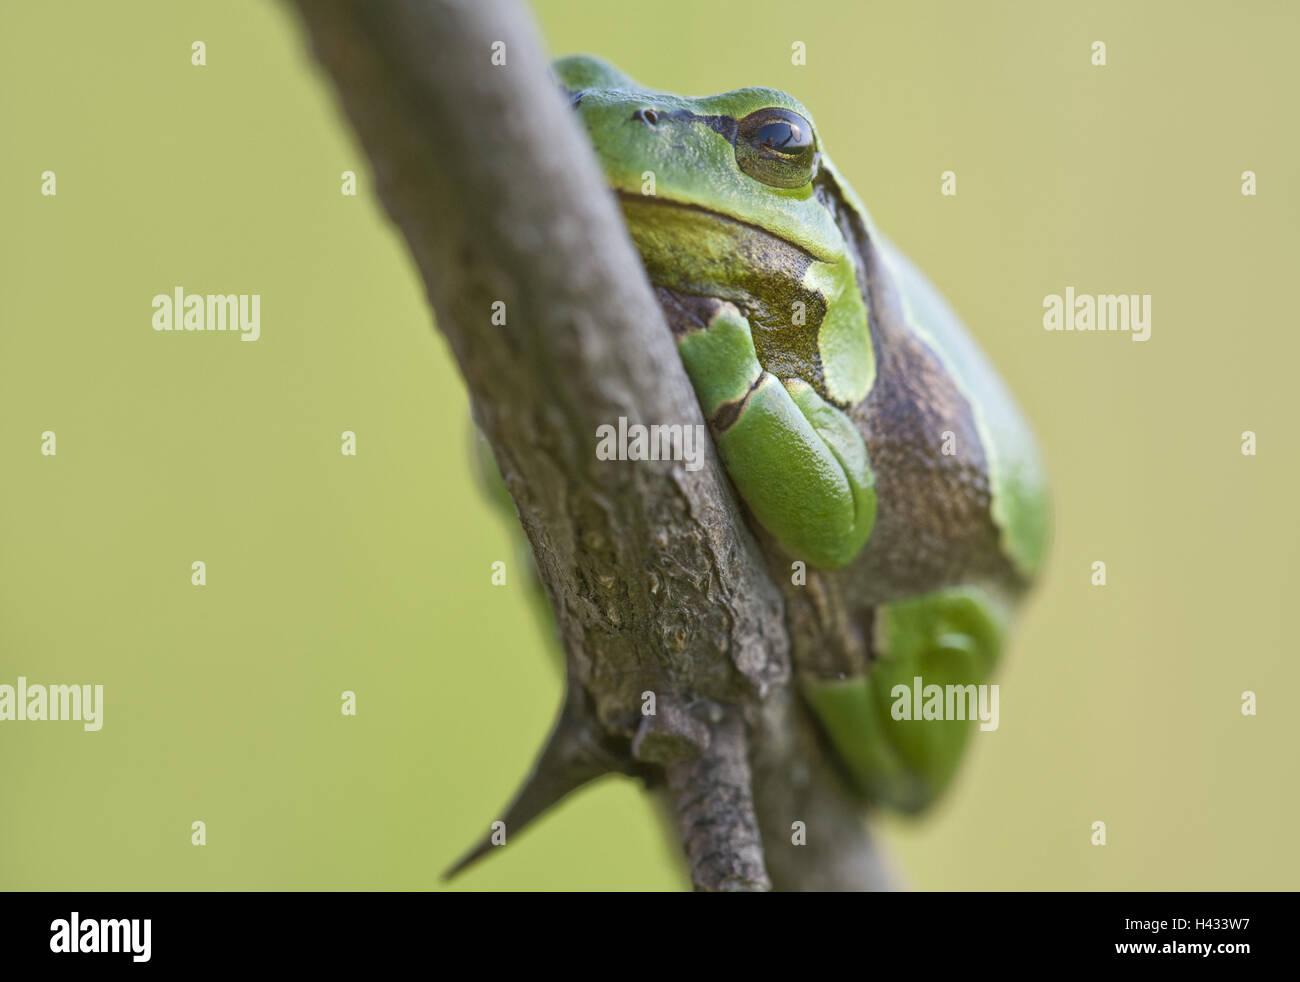 Frog, European tree frog, Hyla arborea, Stock Photo